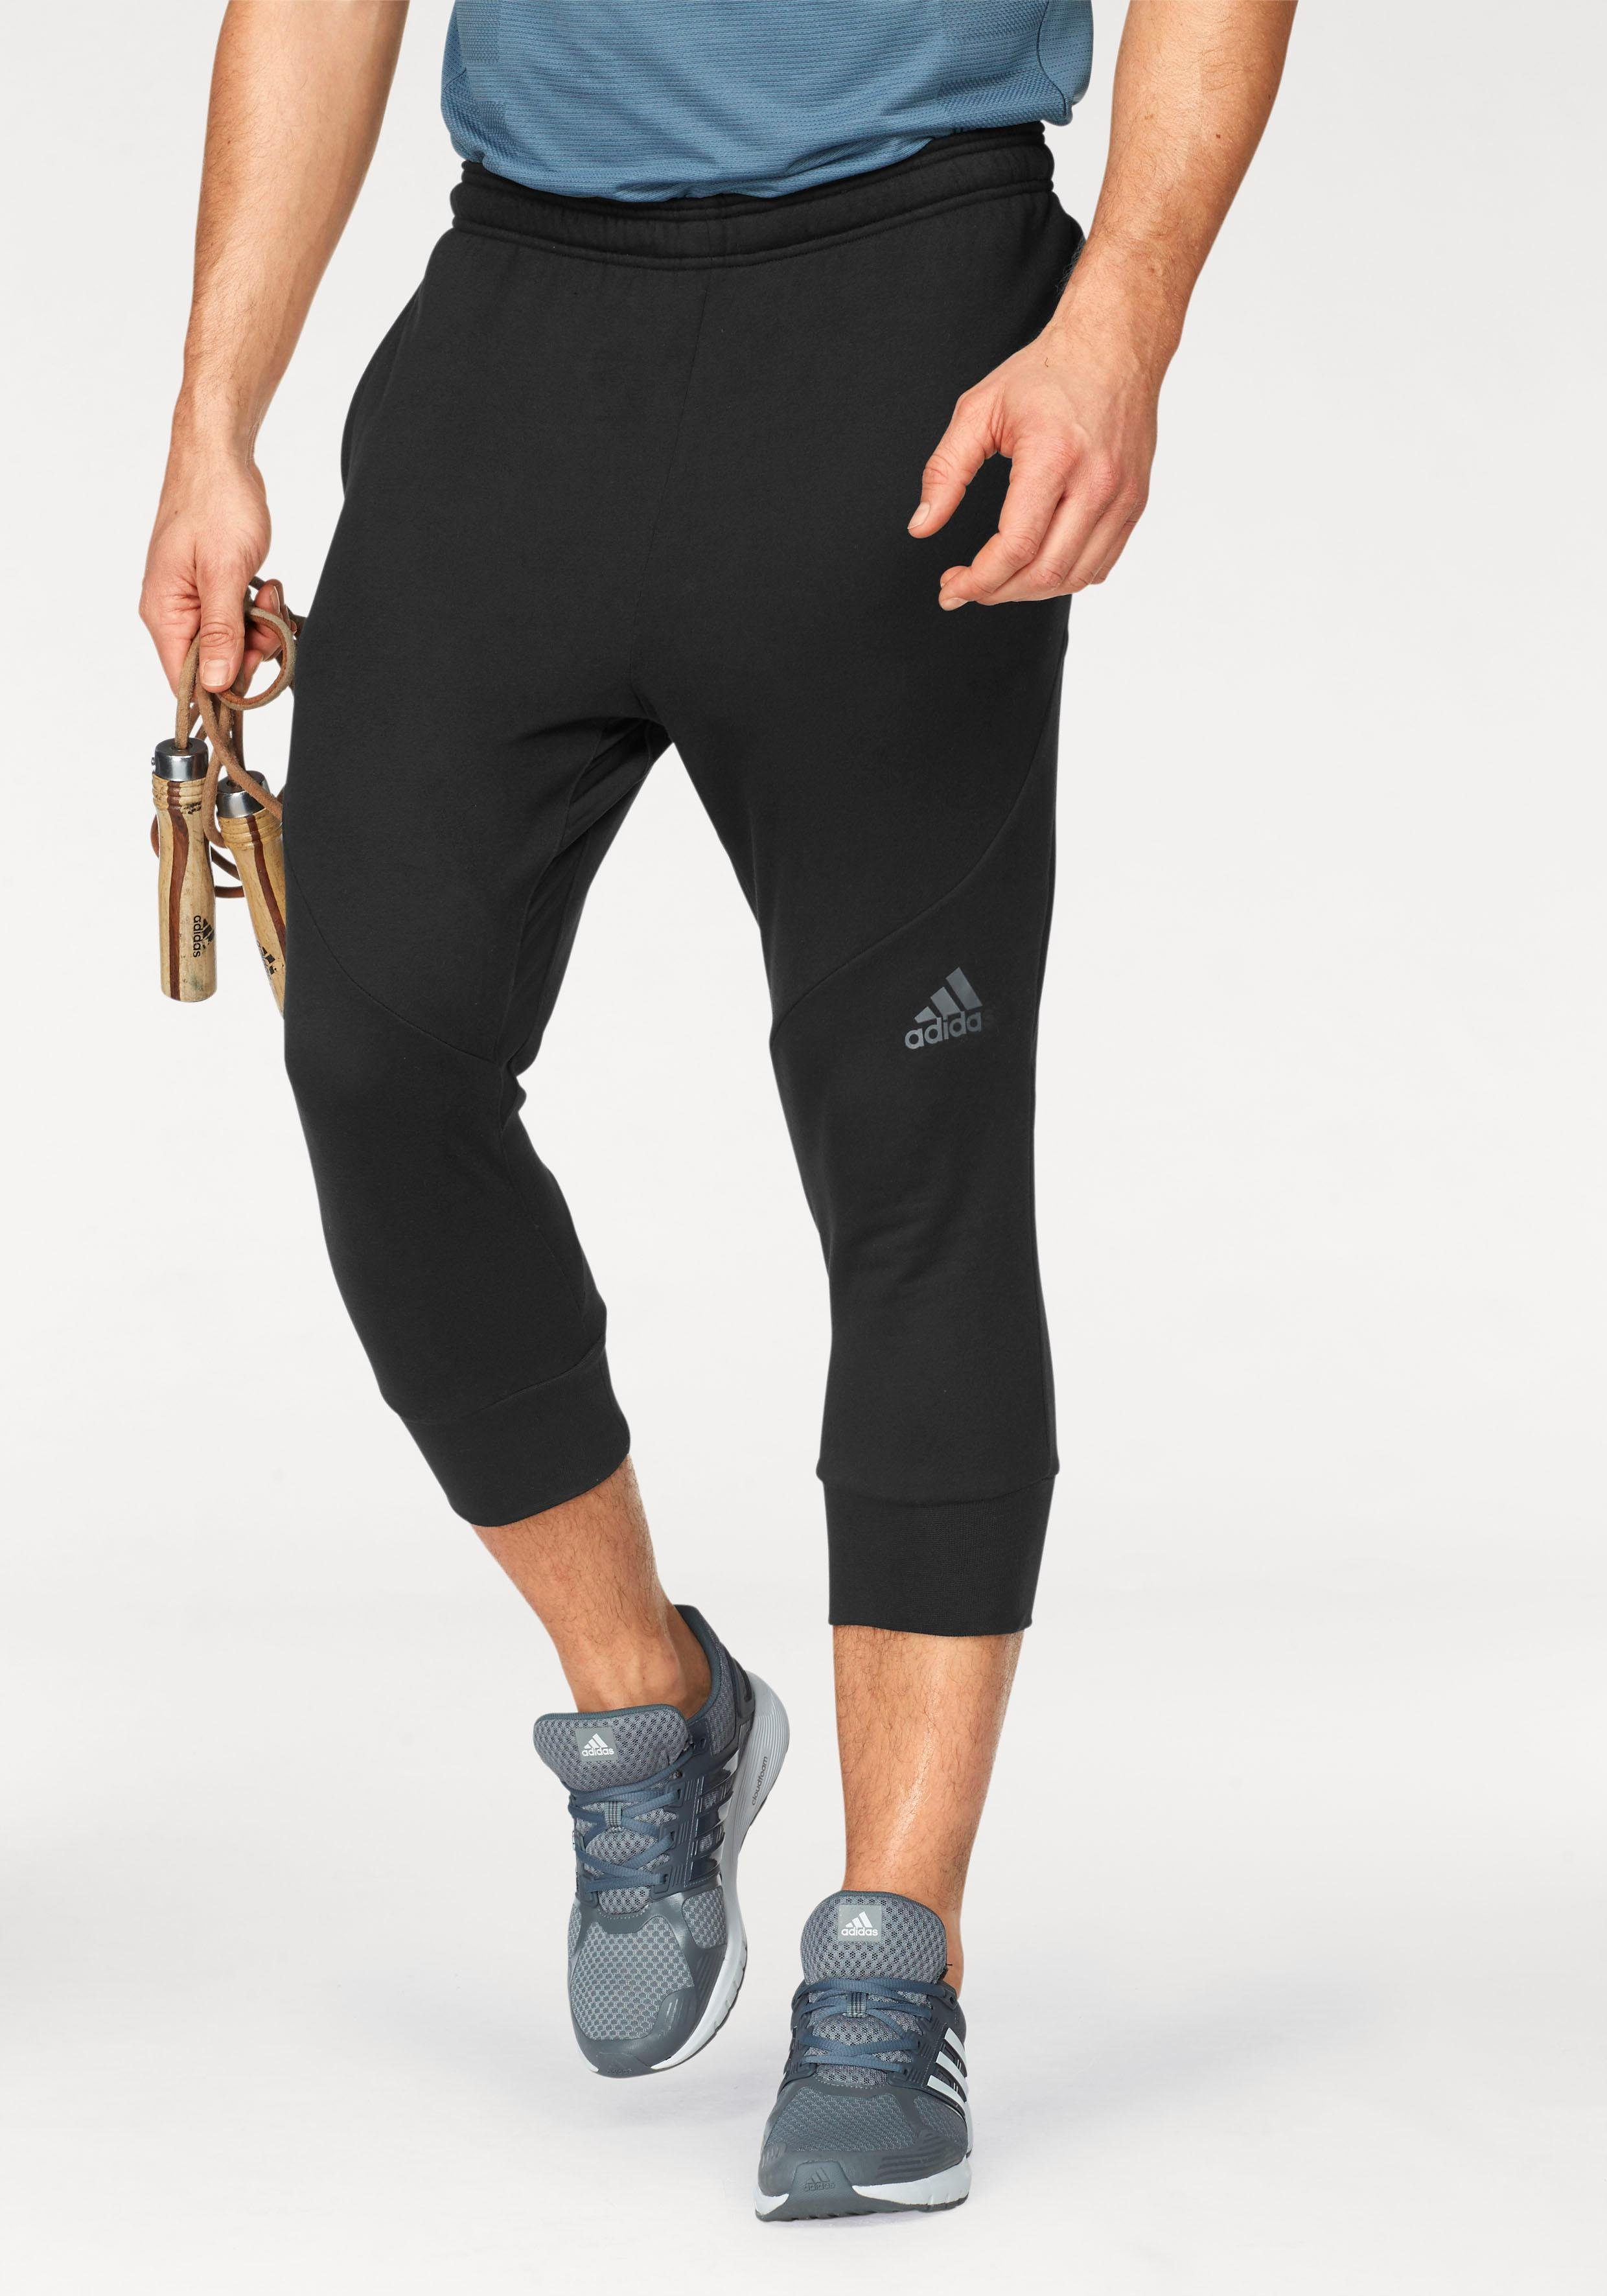 Adidas Jogginghose Herren gebraucht kaufen! 4 St. bis 75